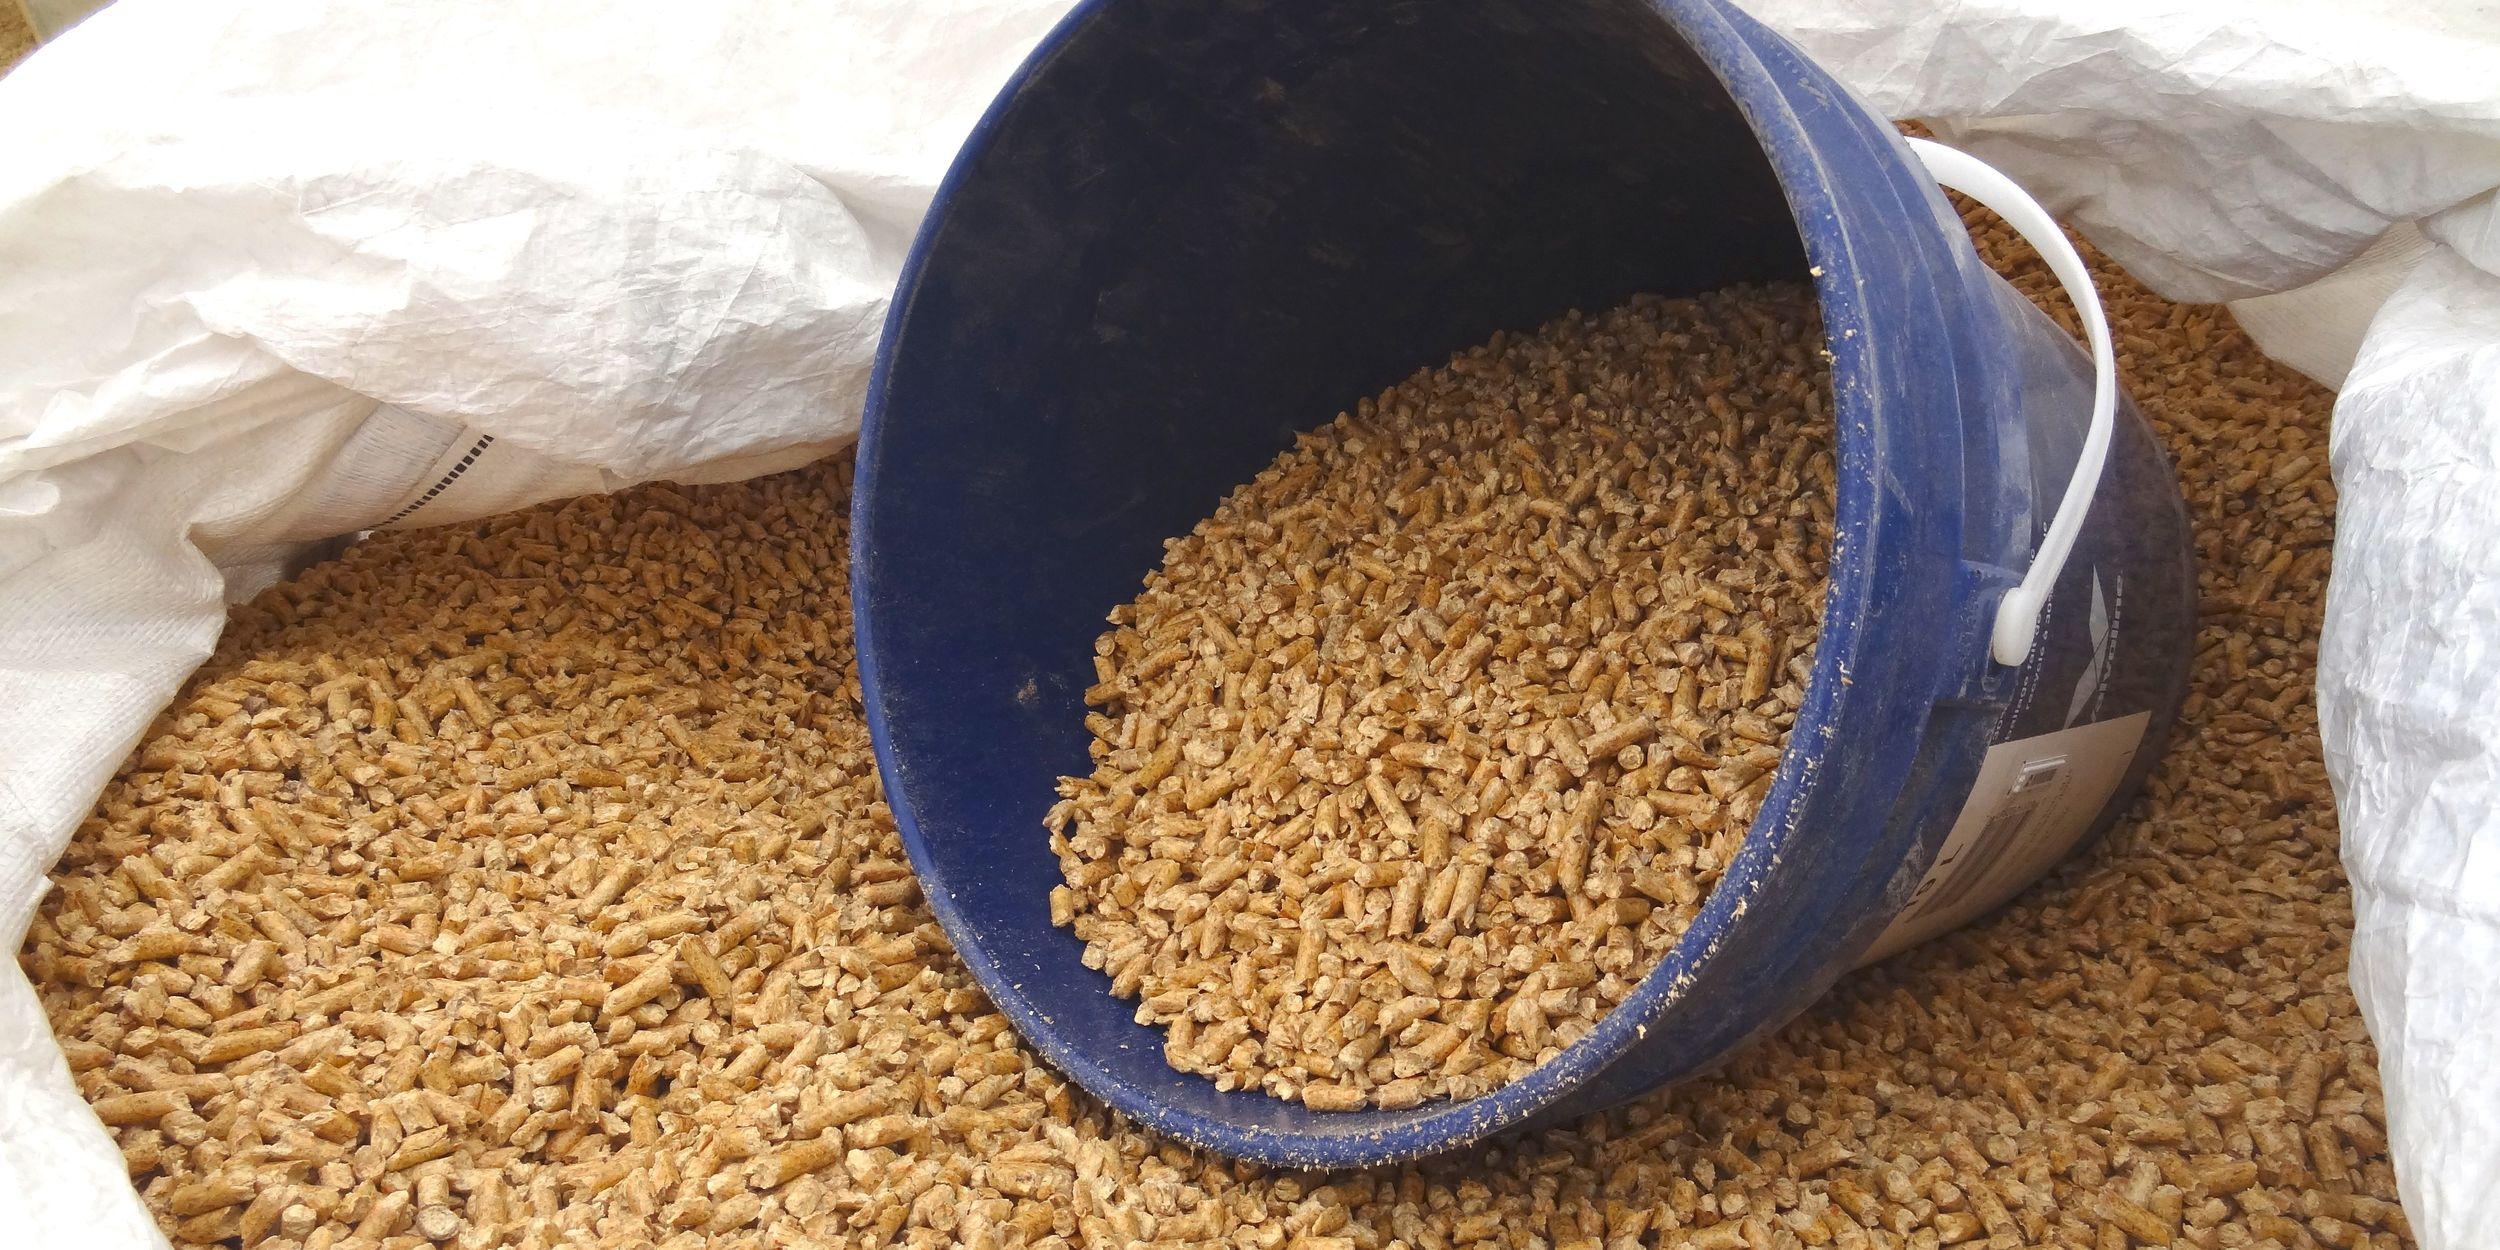 Wood pellets in Tote